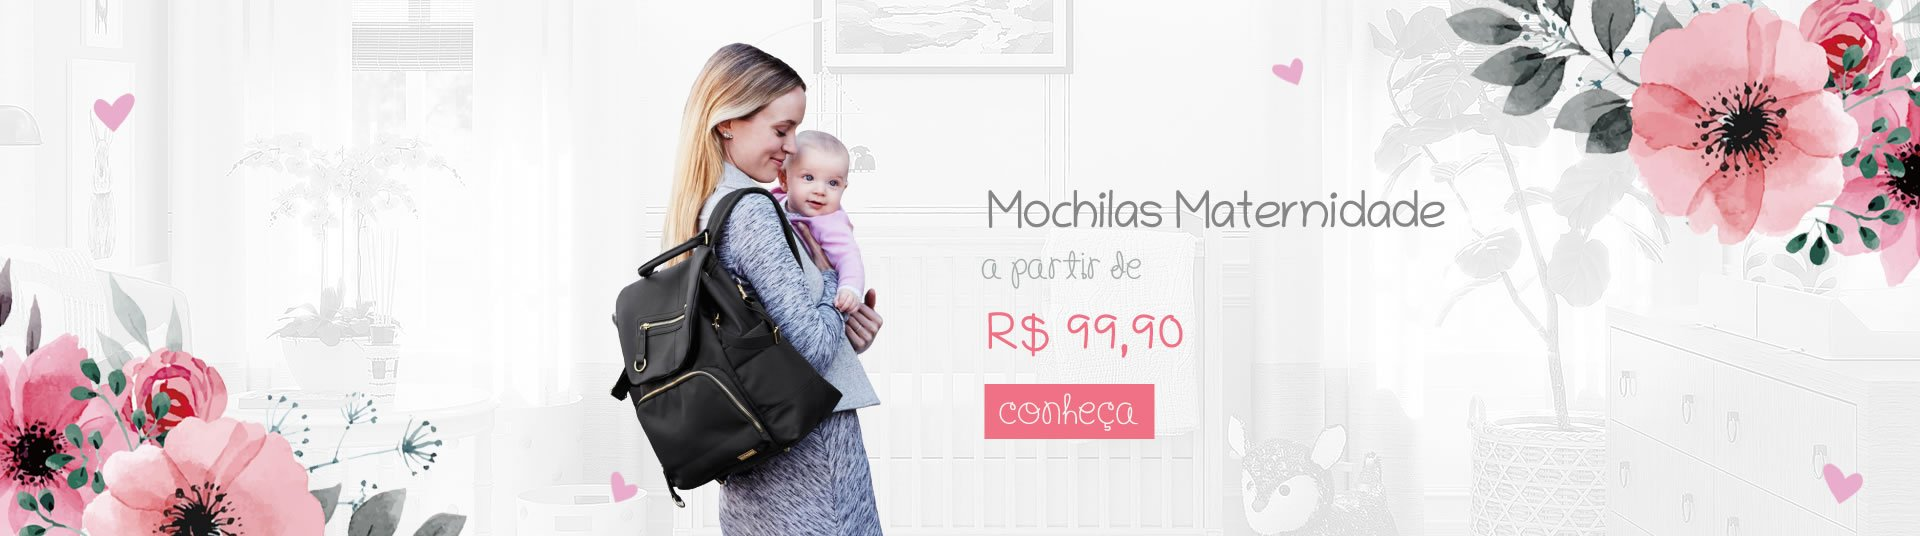 fullbanner home mochila maternidade